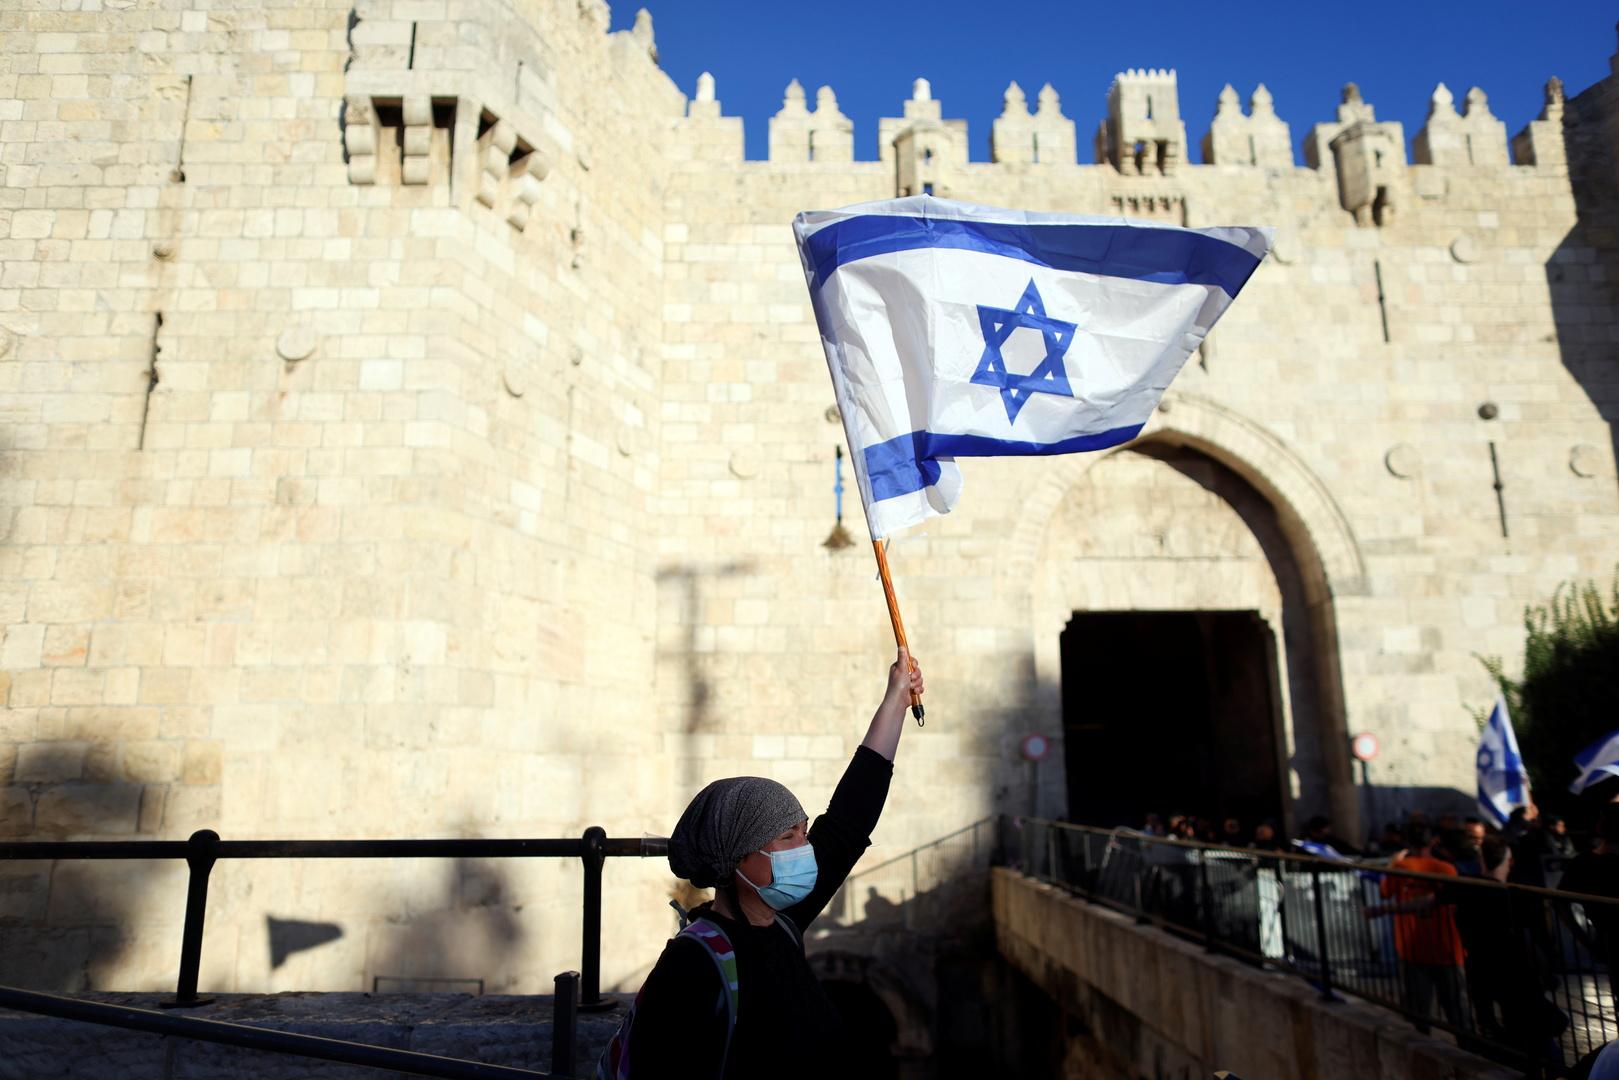 تقرير: إسرائيل غير جاهزة لمواجهة أزمة المناخ